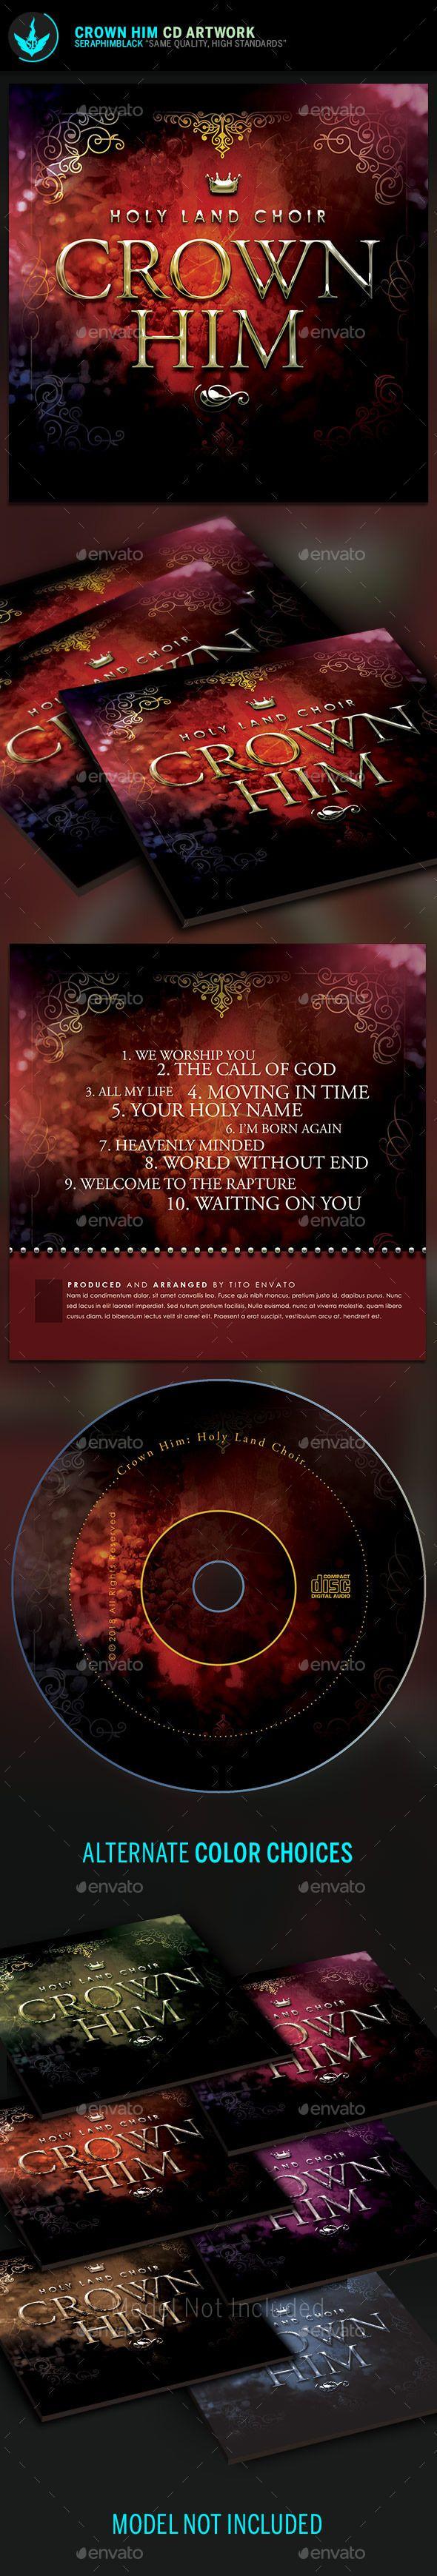 Royal CD Artwork Template